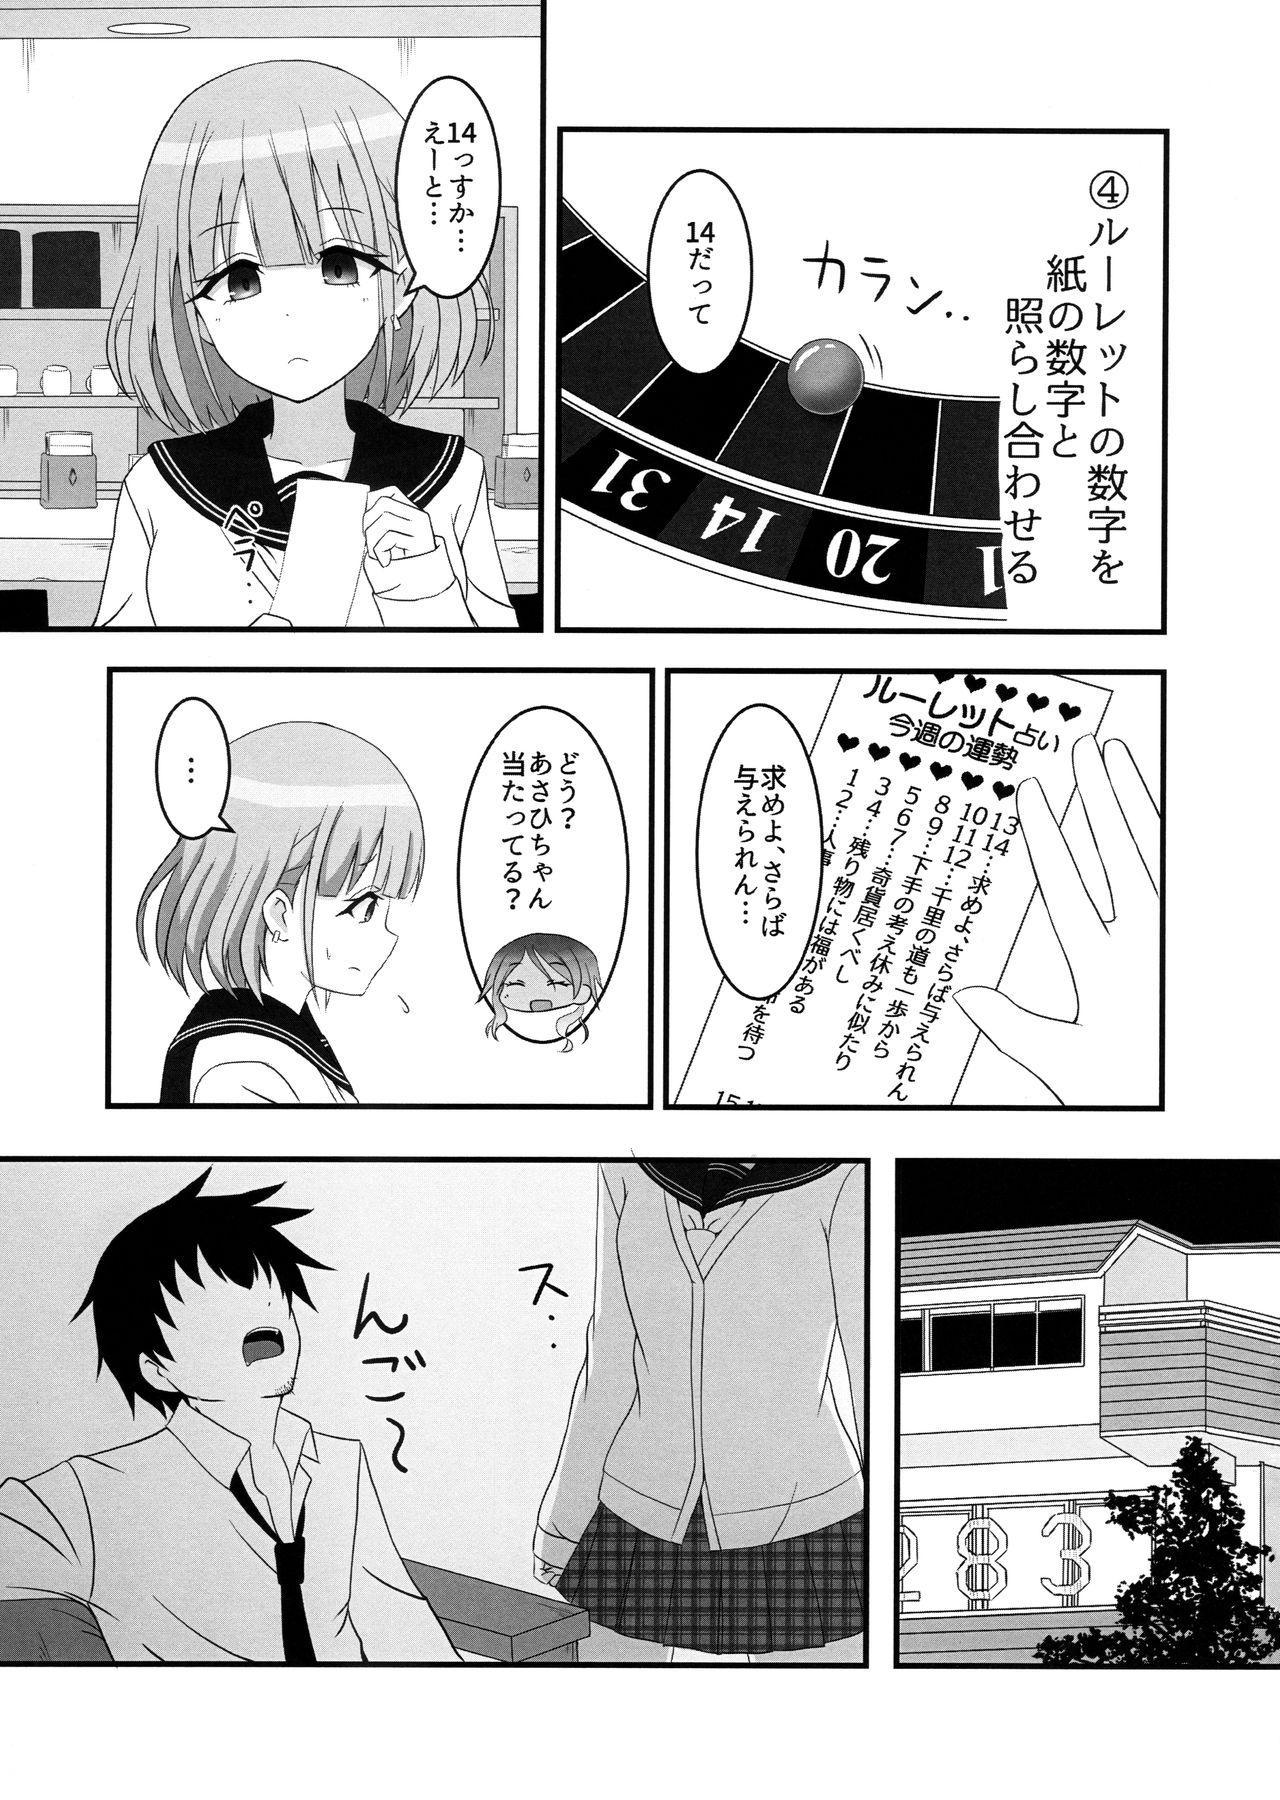 Asahi ga mata noboru 5